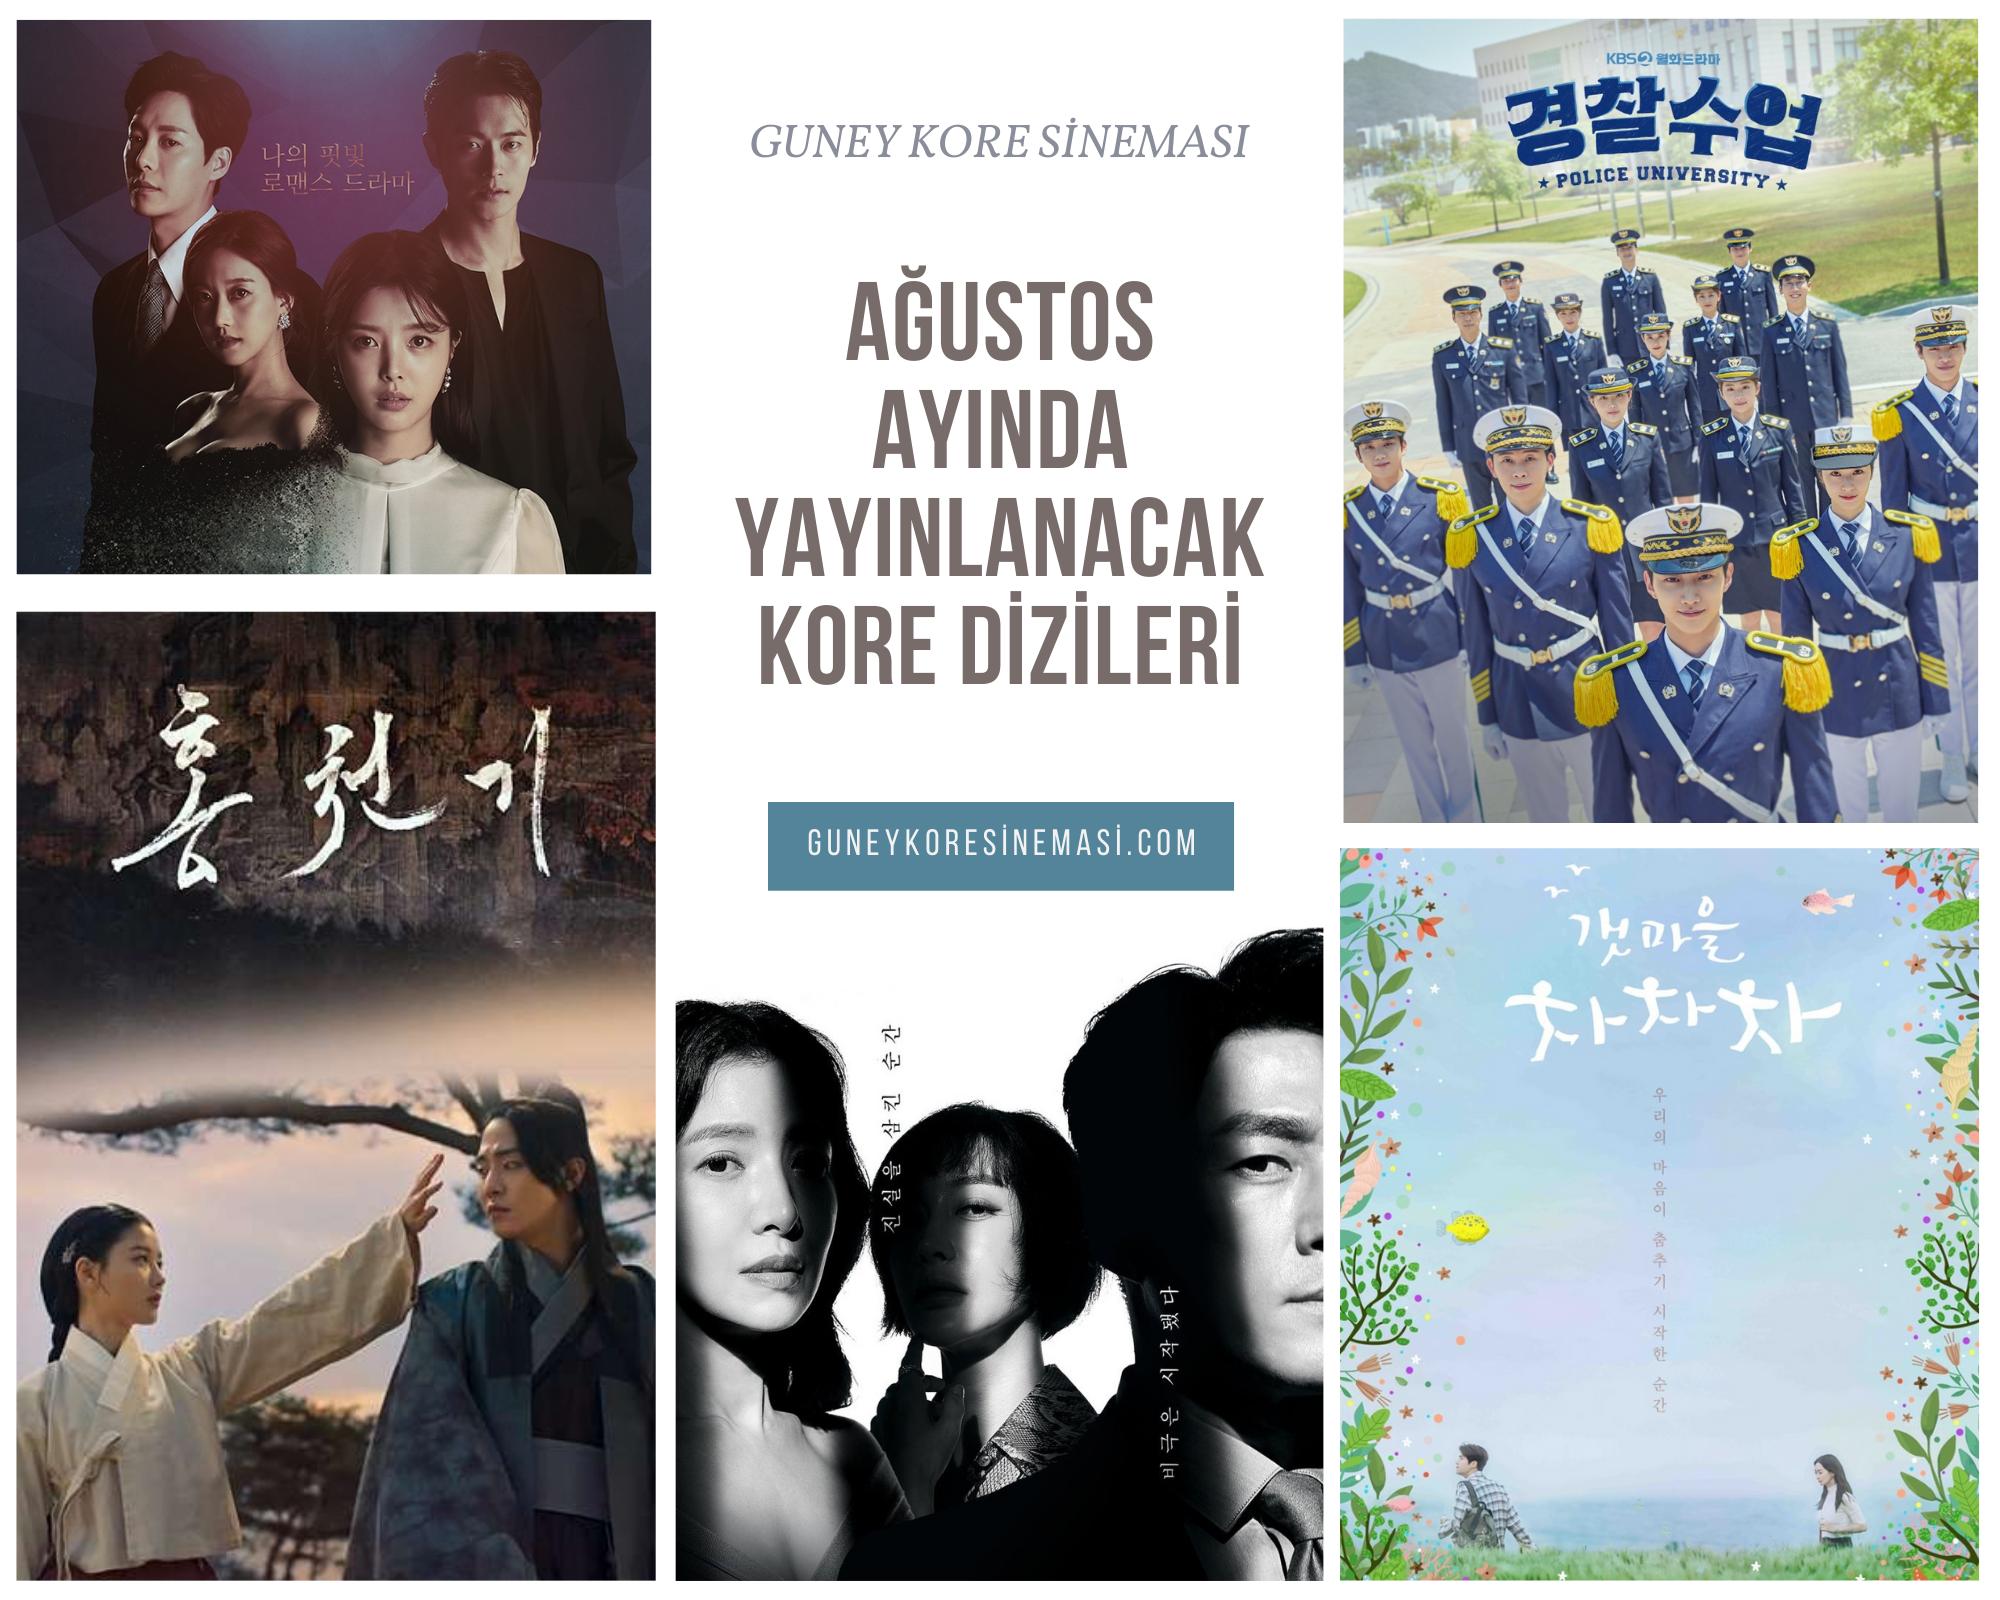 Ağustos Ayında Yayınlanacak Kore Dizileri